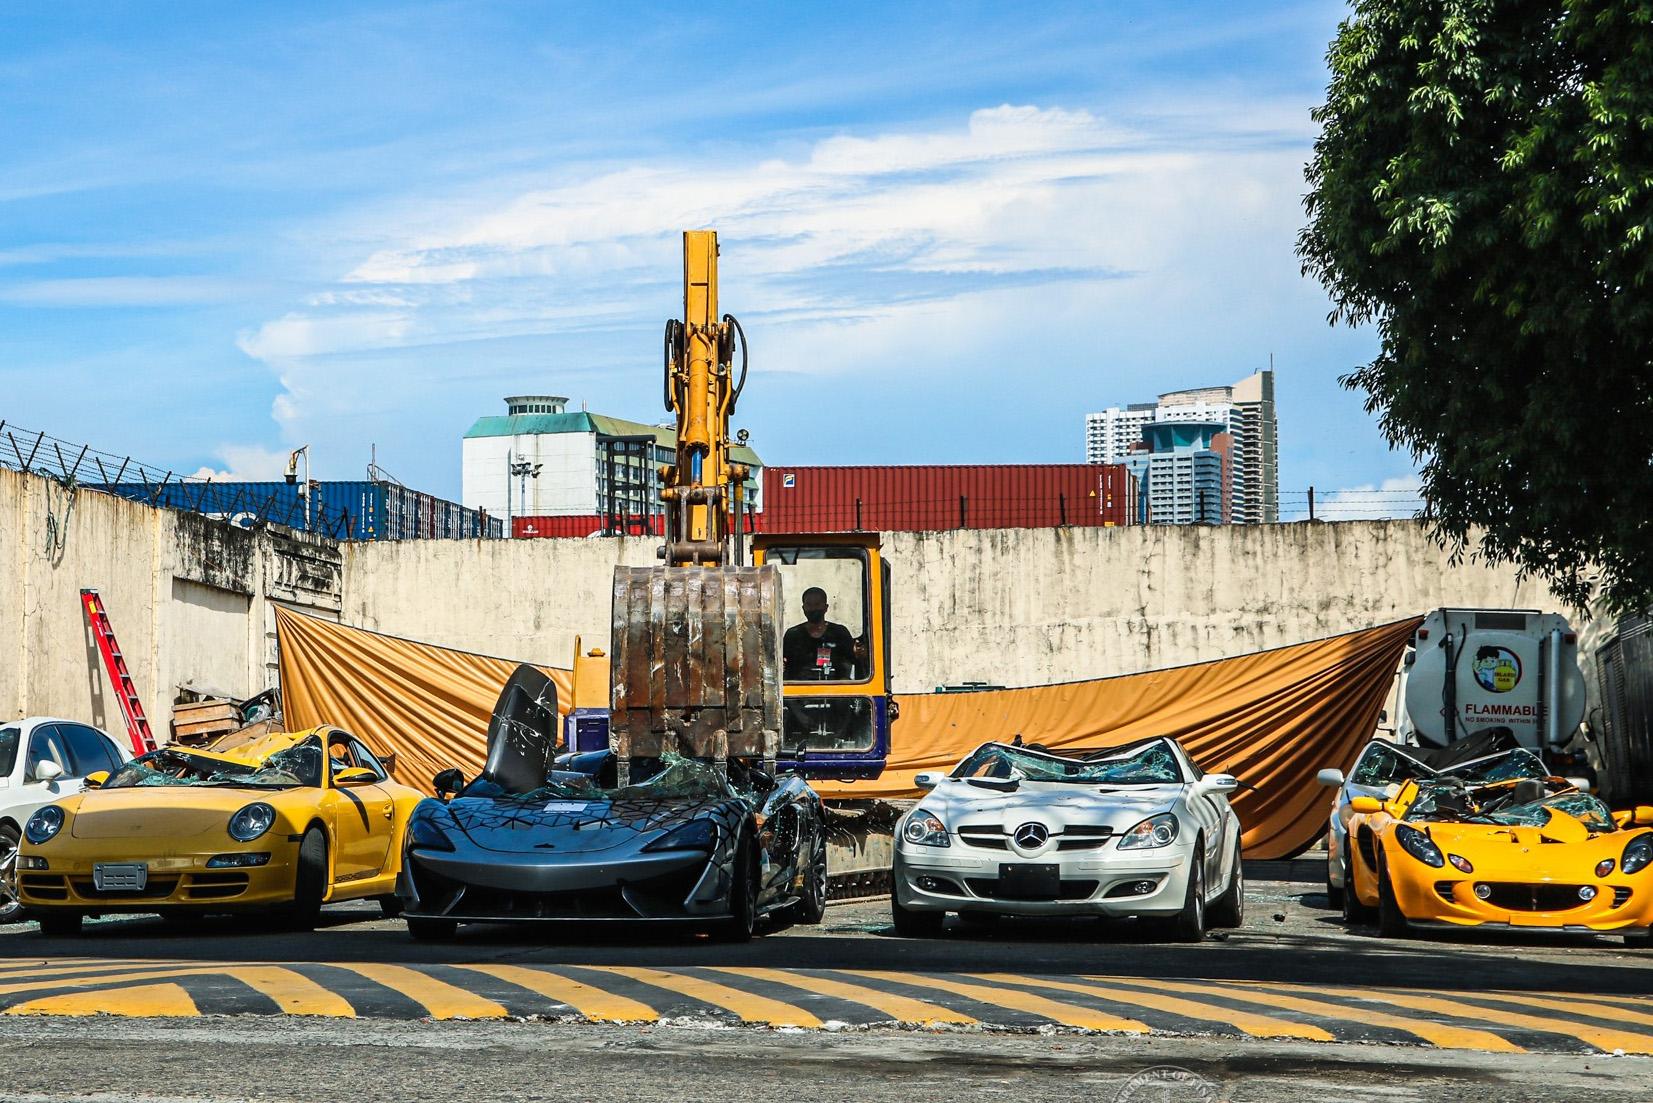 McLaren 620R, Lotus Elise, Bentley Flying Spur, Porsche 911, Mercedes-Benz SLK, Hyundai Genesis, Toyota Solara destruídos nas Filipinas